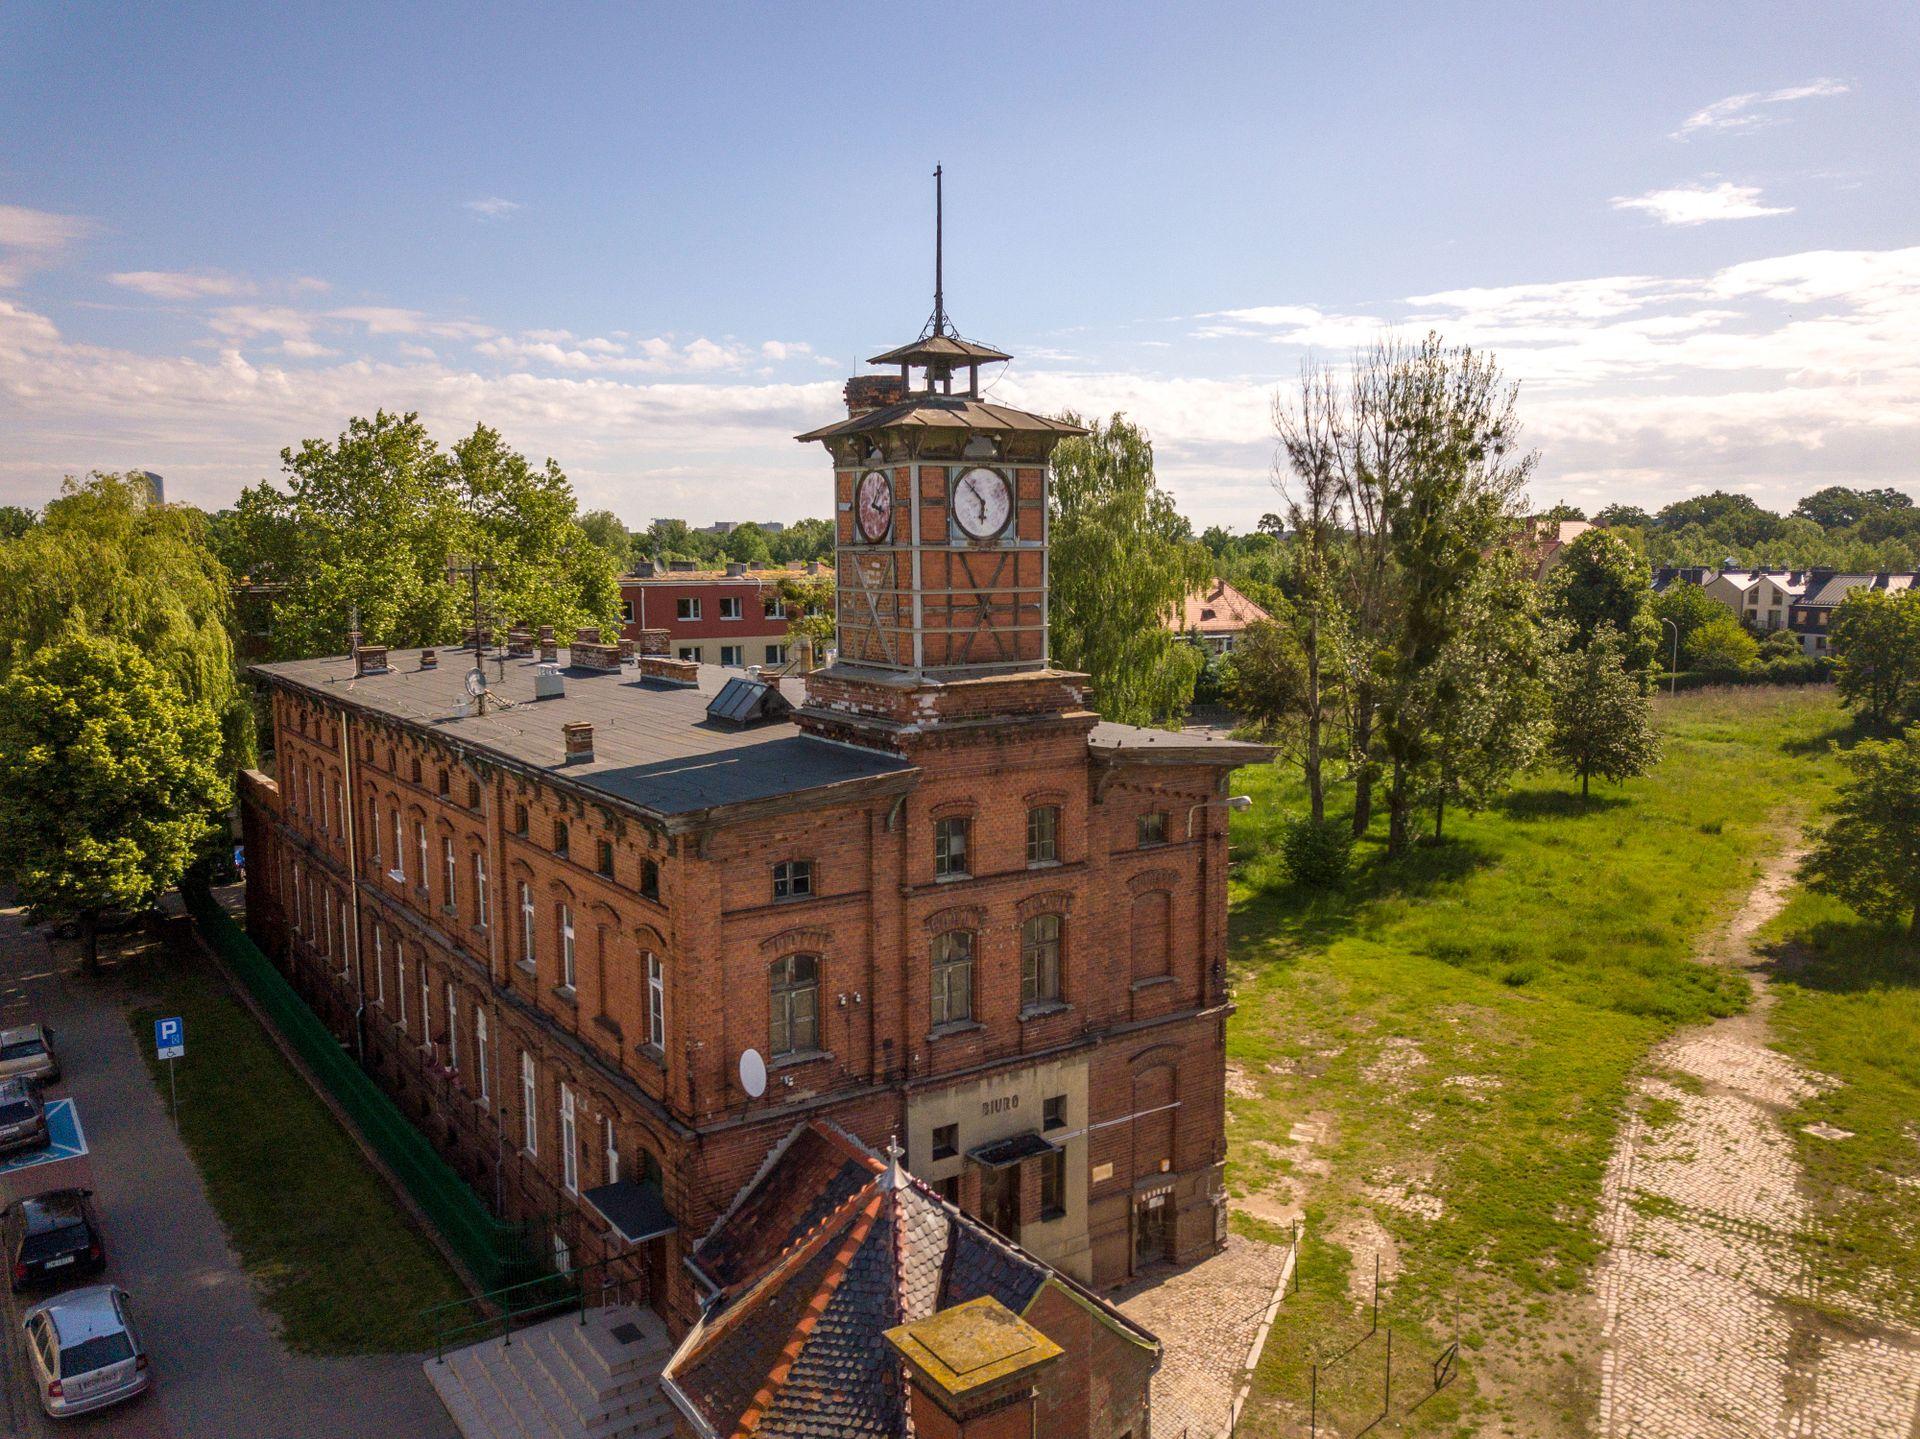 Wrocław: Co z zabytkową cukrownią Klecina? PZU planowało rekonstrukcję wieży zegarowej i komina